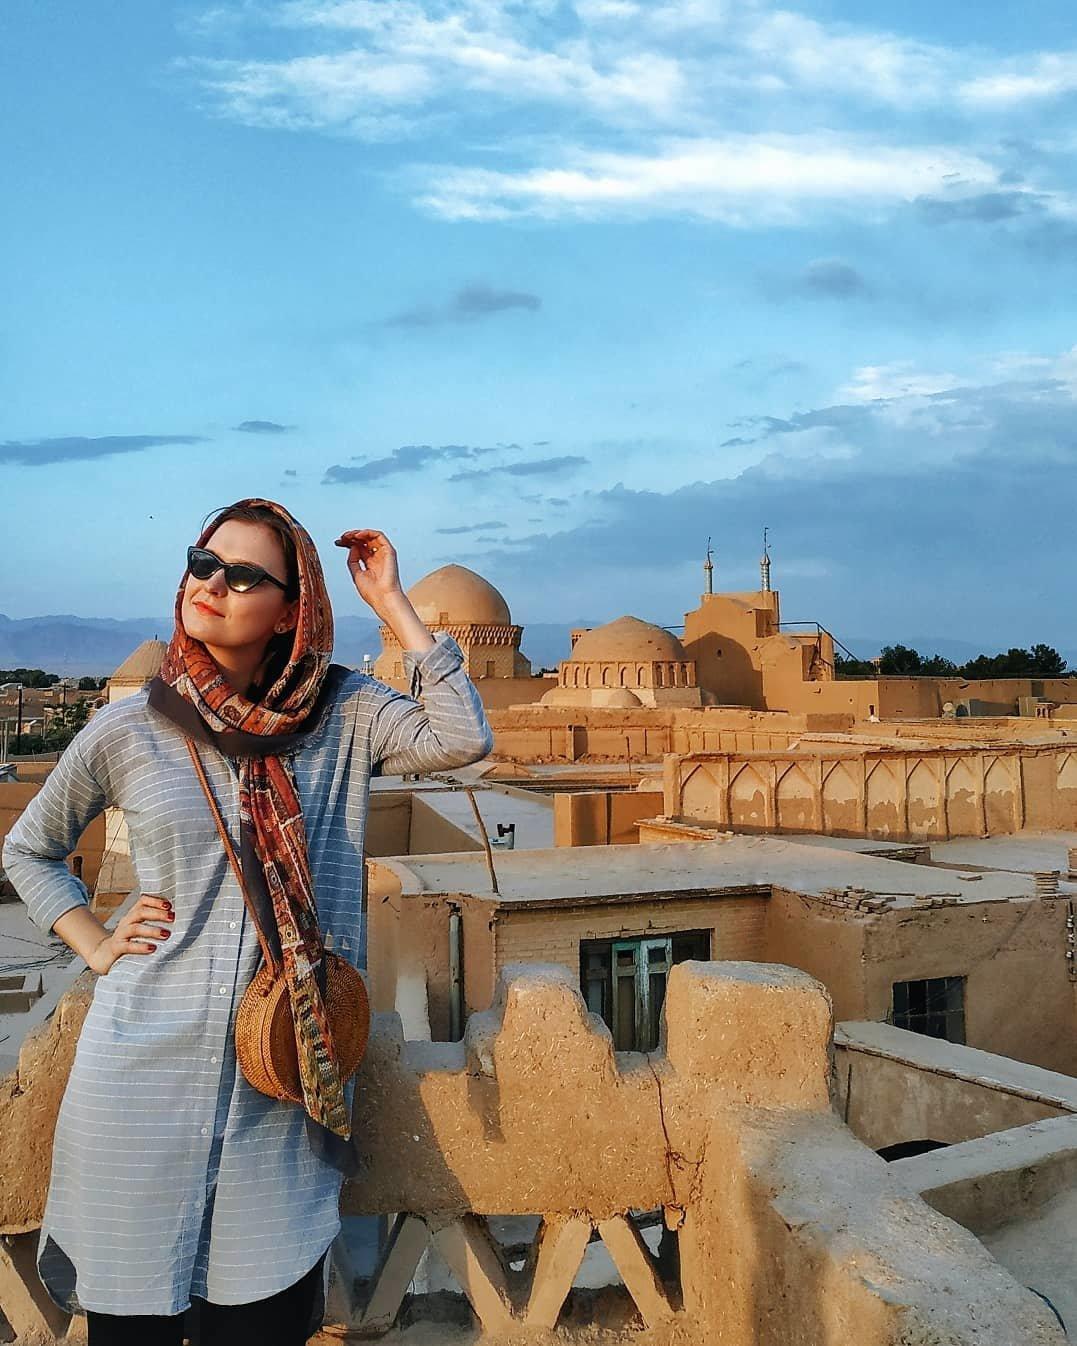 Город роз, персидские дворцы и Медина. Как харьковчанка провела две недели в Иране и Марокко, - ФОТО, фото-1